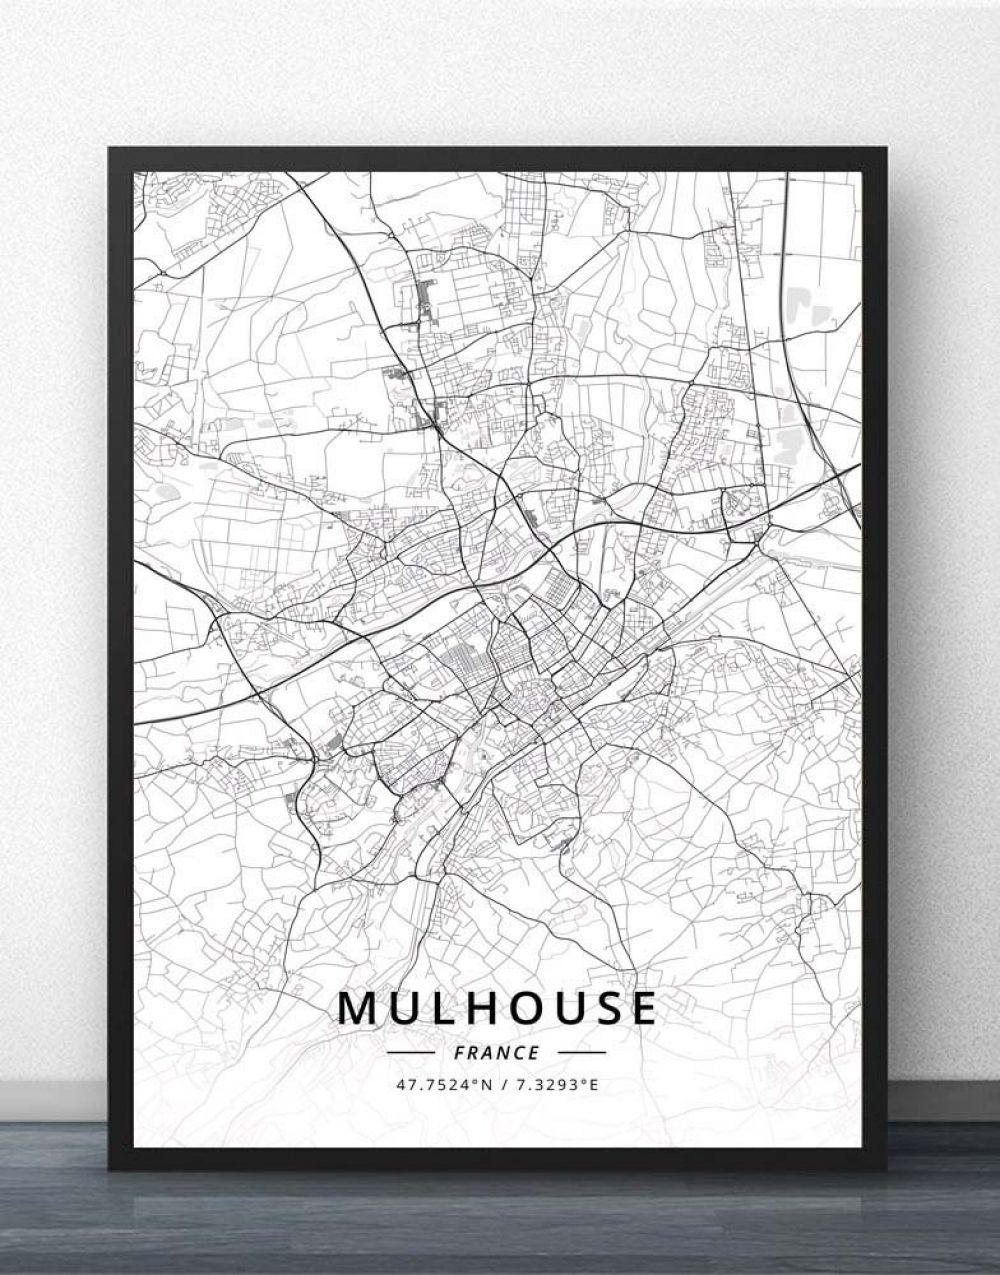 Acheter Poster Carte De Mulhouse En 2020 | Poster, Cartes De dedans Acheter Carte De France